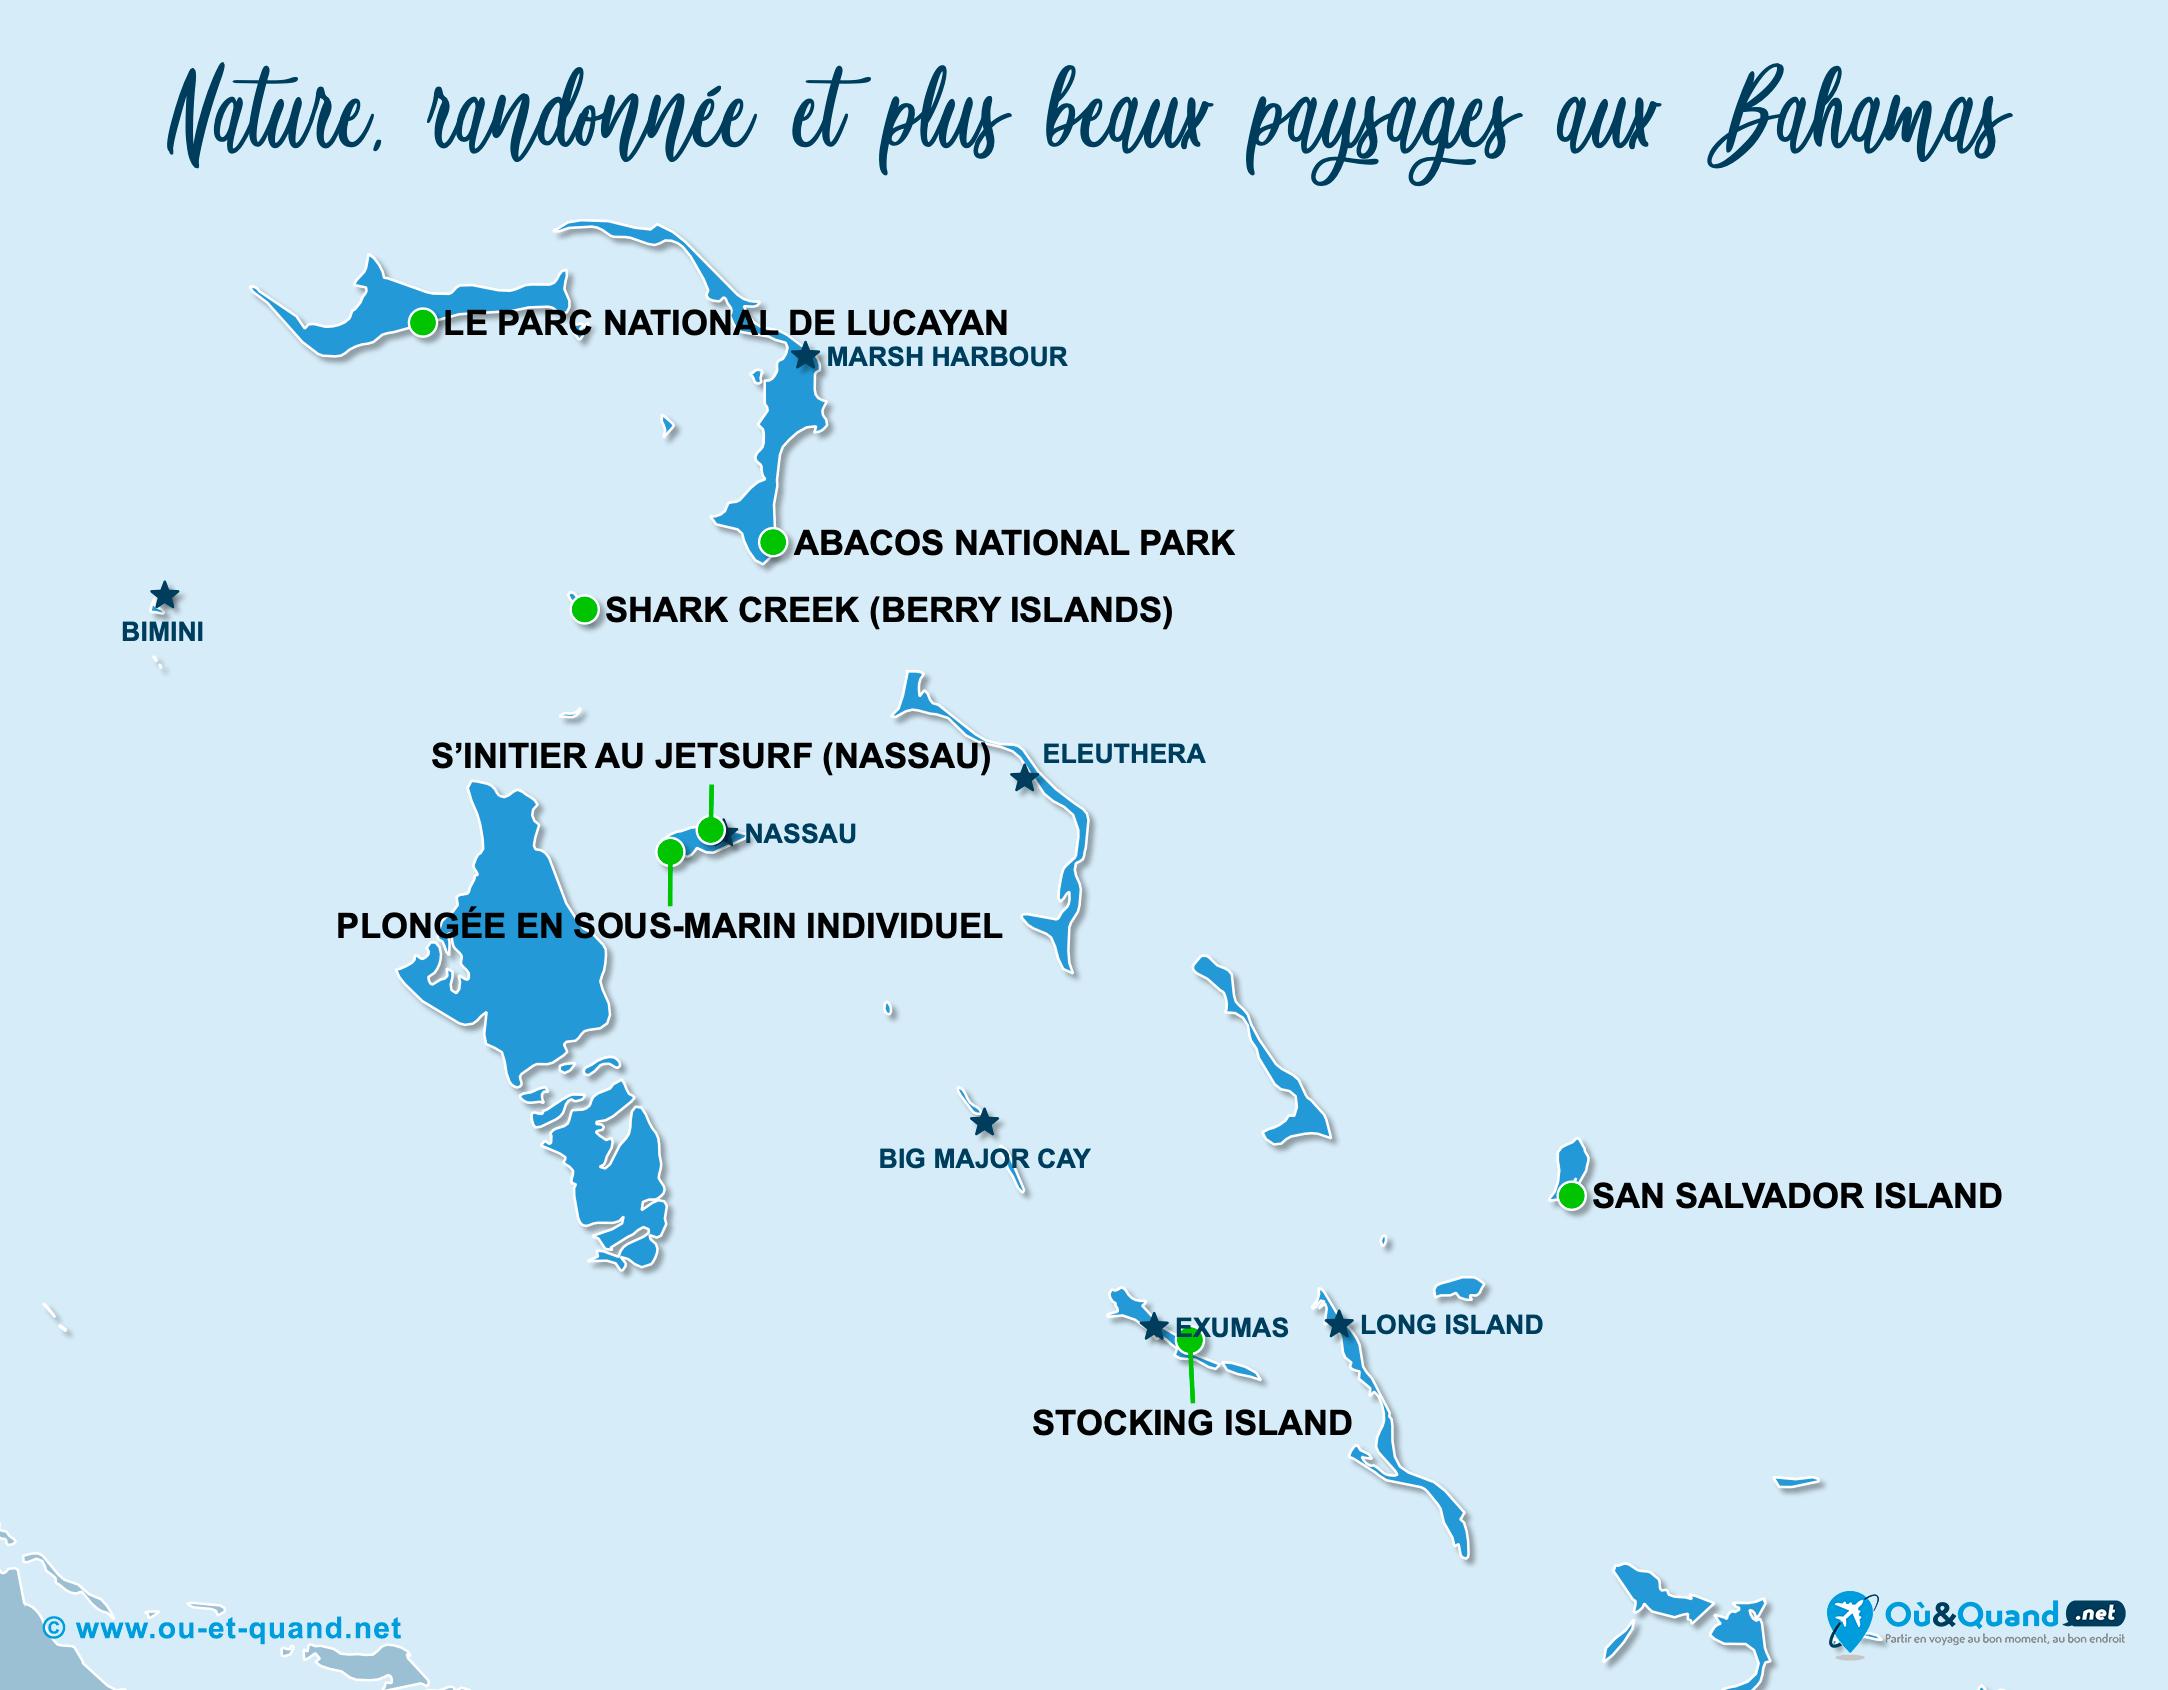 Carte Bahamas : Les plus beaux paysages des Bahamas